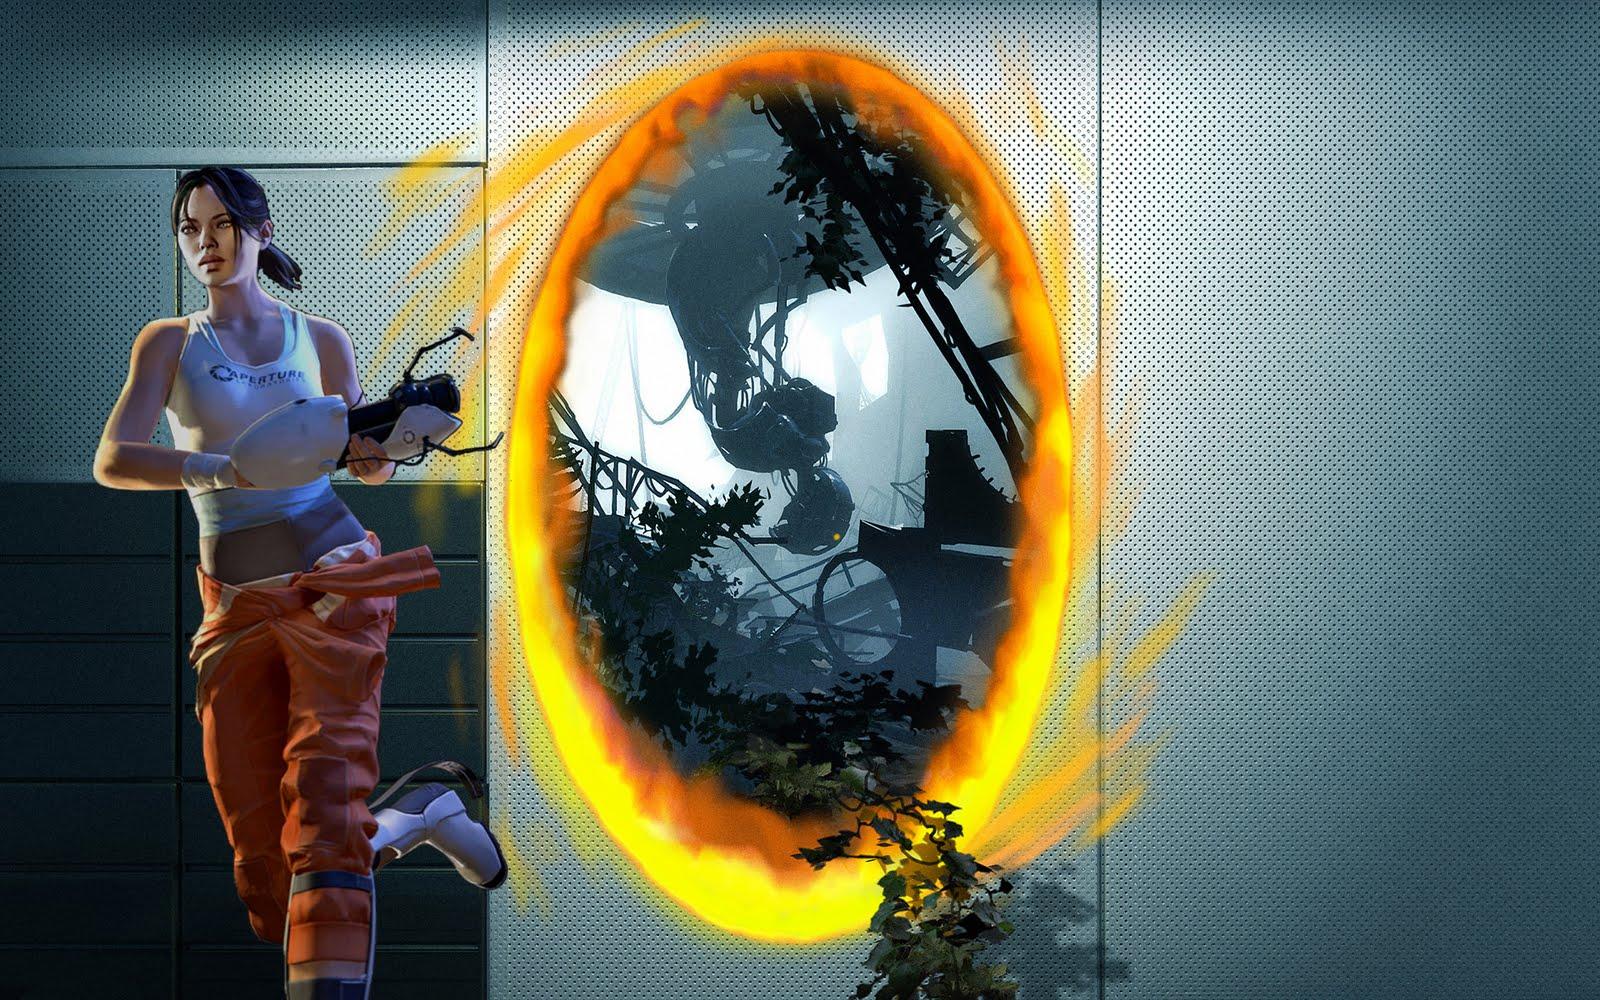 http://3.bp.blogspot.com/-vjGqEThSuiU/Tca8diiBb6I/AAAAAAAAAkM/d4yESSxzO2k/s1600/Portal+2+chick+with+gun.jpg